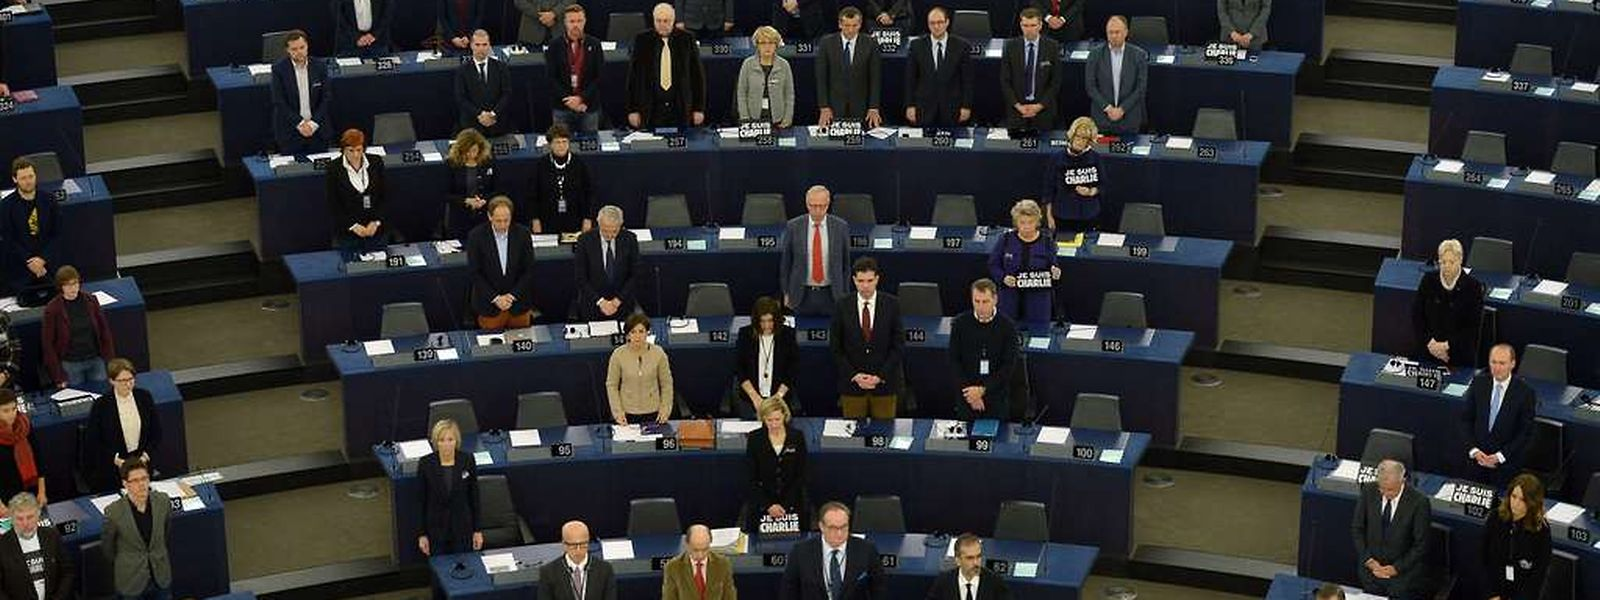 Die Grünen im EU-Parlament kämpfen dafür, dass ein Untersuchungsausschuss die LuxLeaks-Affäre durchleuchtet.